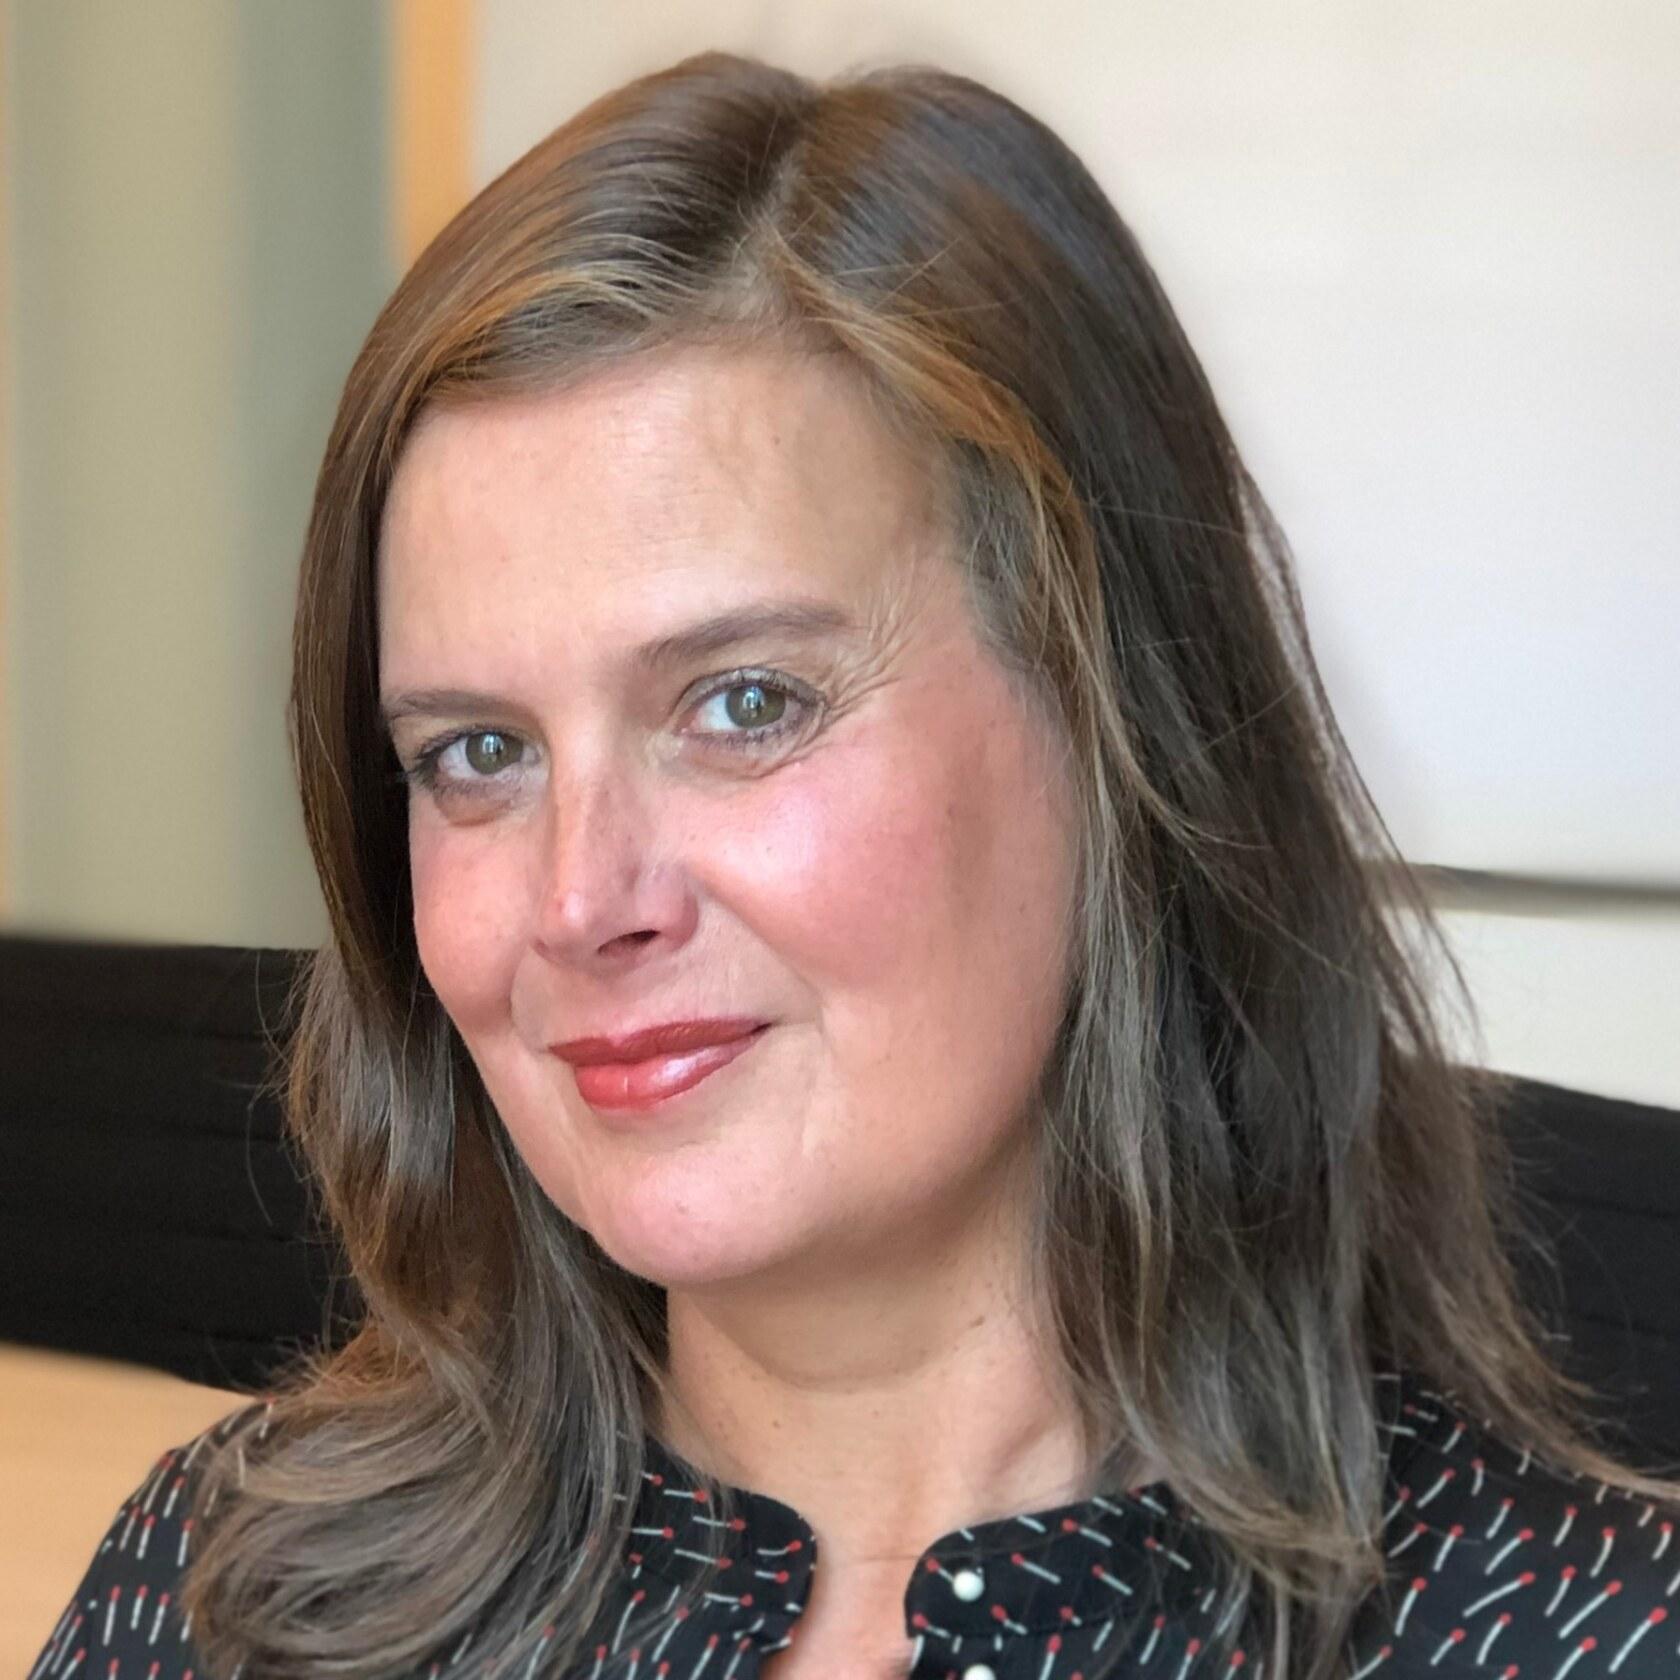 Marieke-Jansen-vierkant-klein